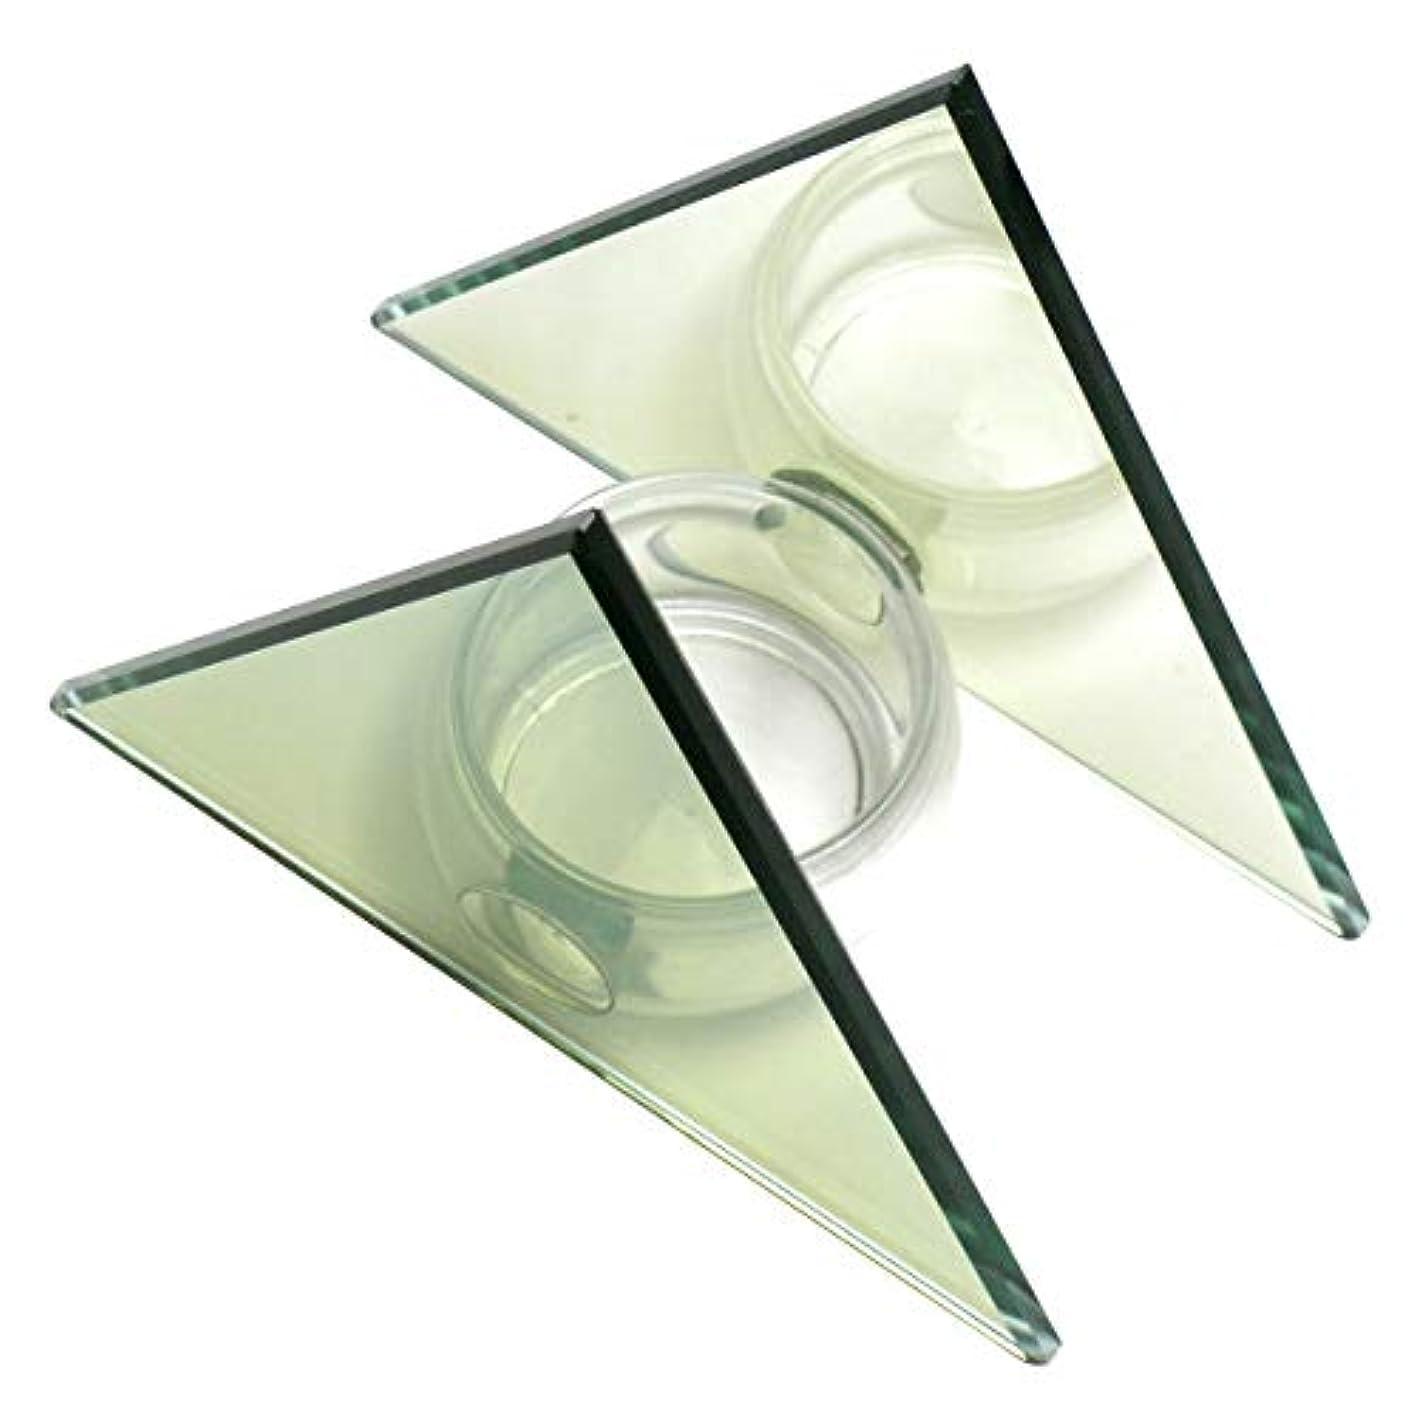 必要条件ガイダンス落花生無限連鎖キャンドルホルダー ピラミッド ガラス キャンドルスタンド ランタン 誕生日 ティーライトキャンドル